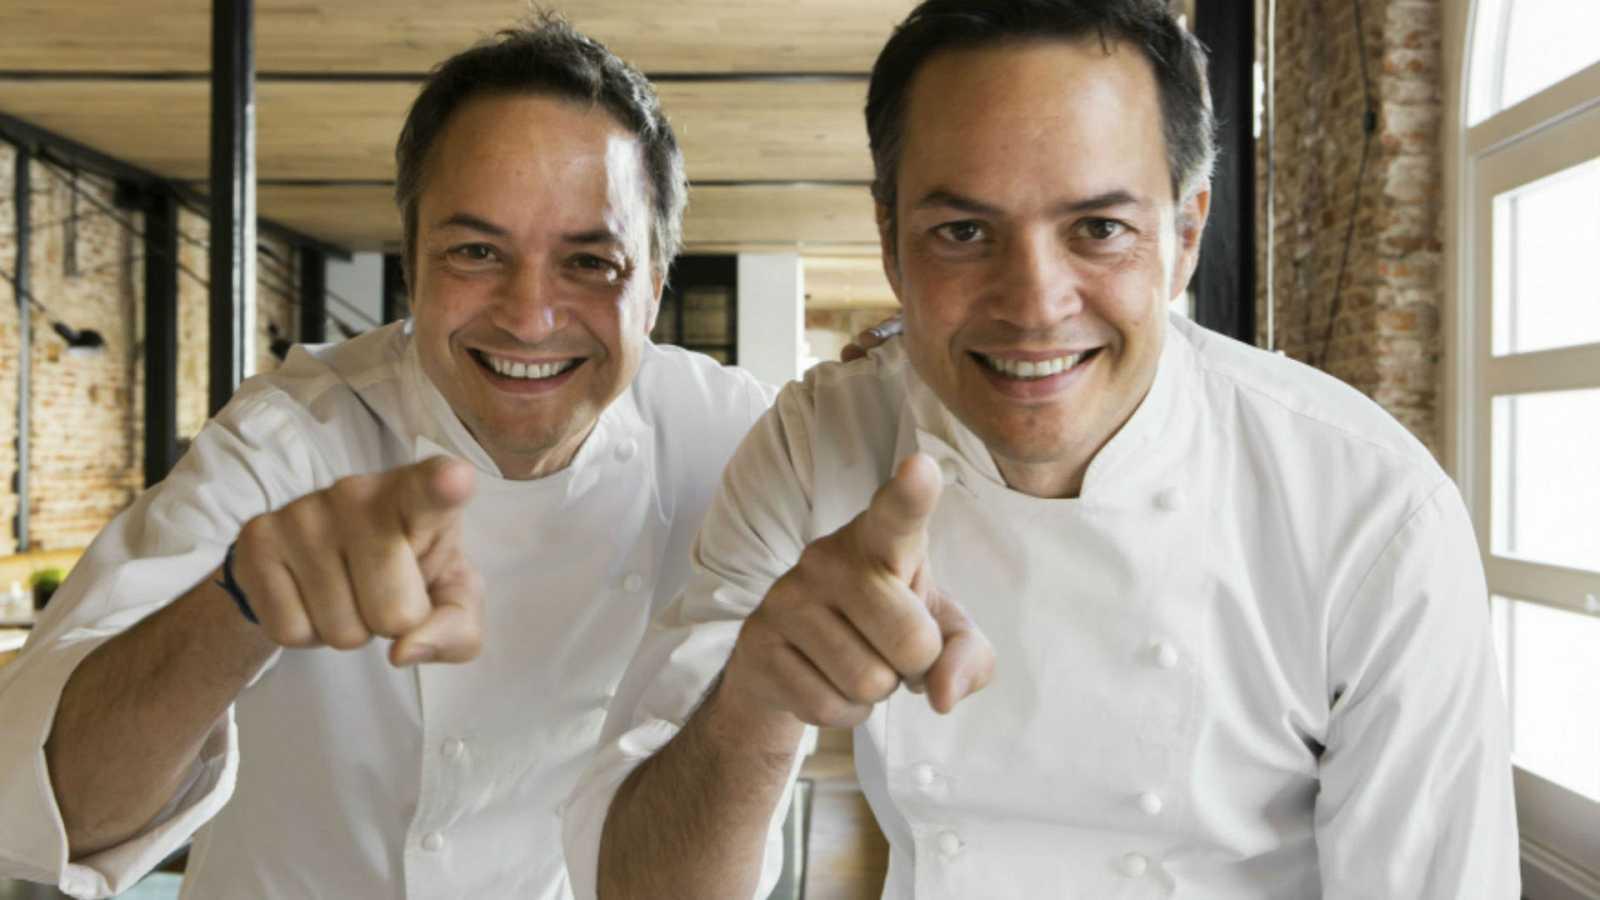 Las Mañanas de Radio Nacional con Pepa Fernández - 'Come bien, no hagas dieta' - Escuchar ahora